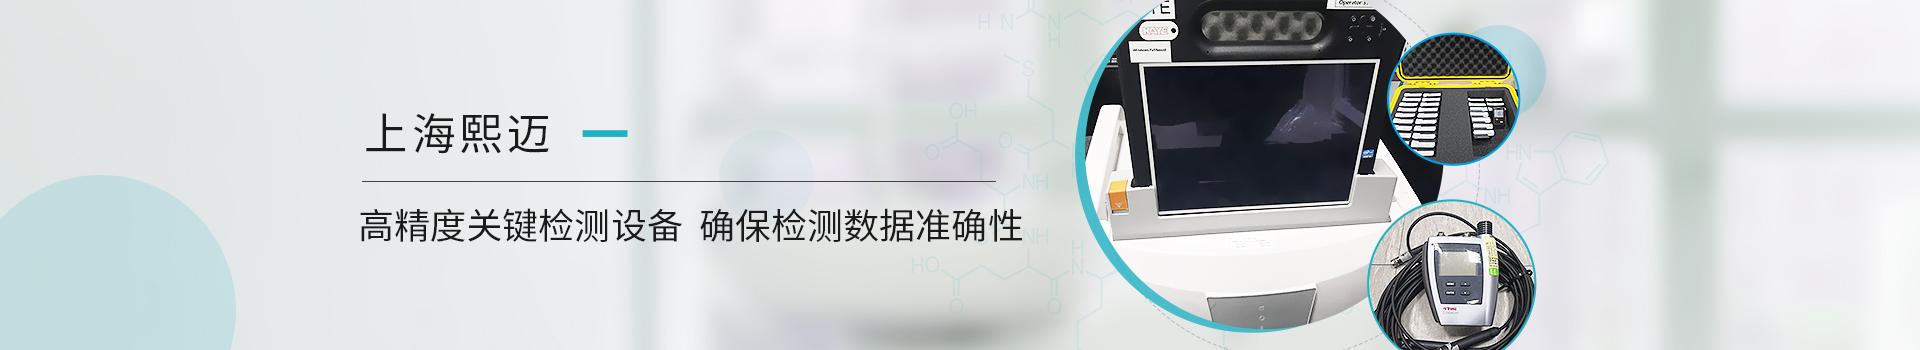 上海熙迈高精度关键检测设备